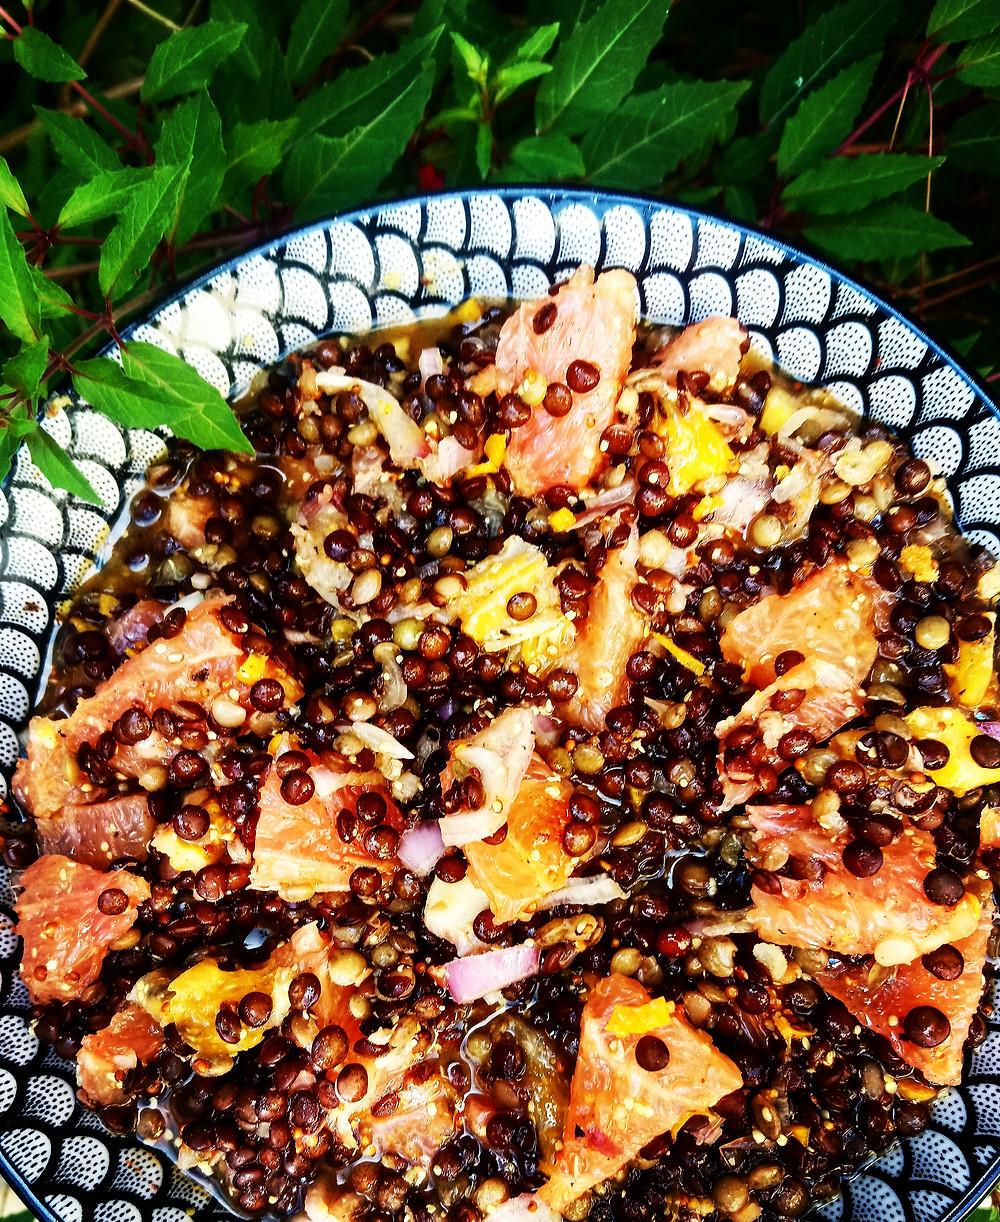 Recette salade de lentilles aux agrumes / Les Petites Menteuses / Blog Culinaire